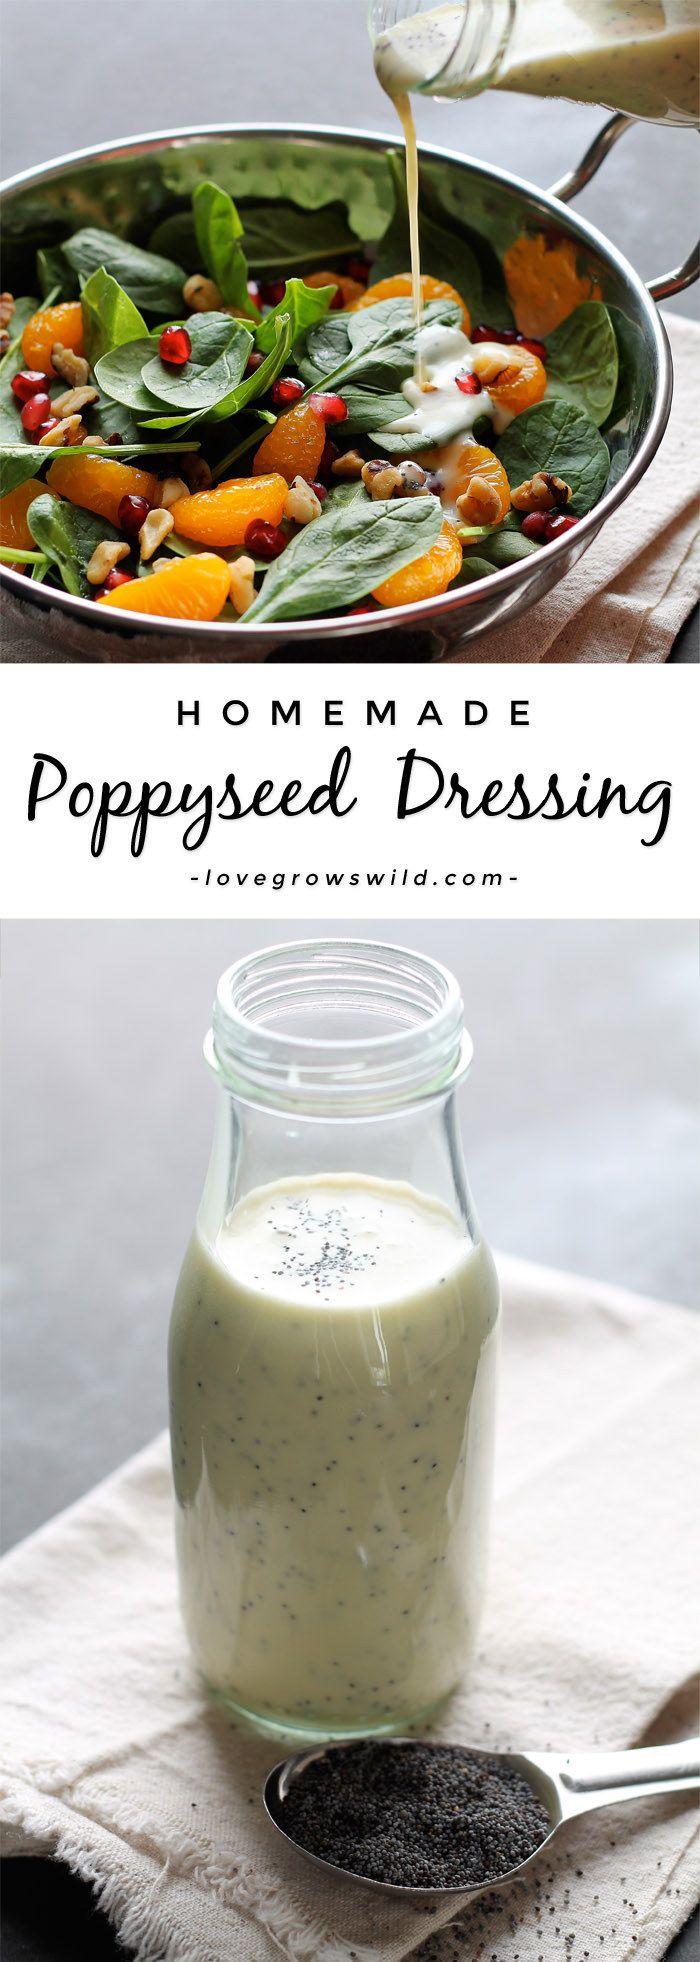 Poppyseed Dressing